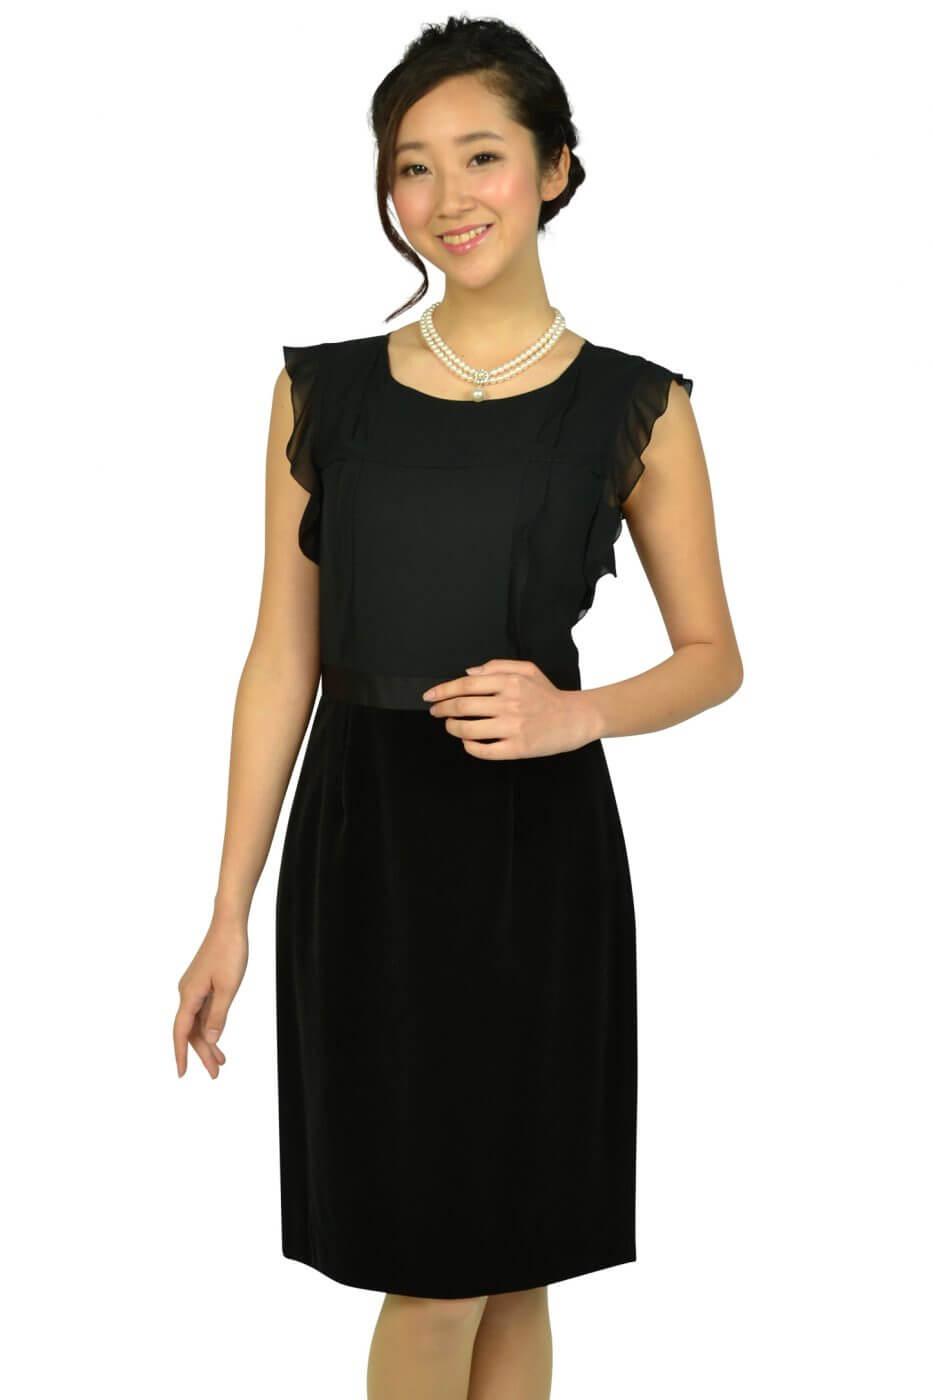 アナイ(ANAYI)Iラインベロアスカートブラックドレス